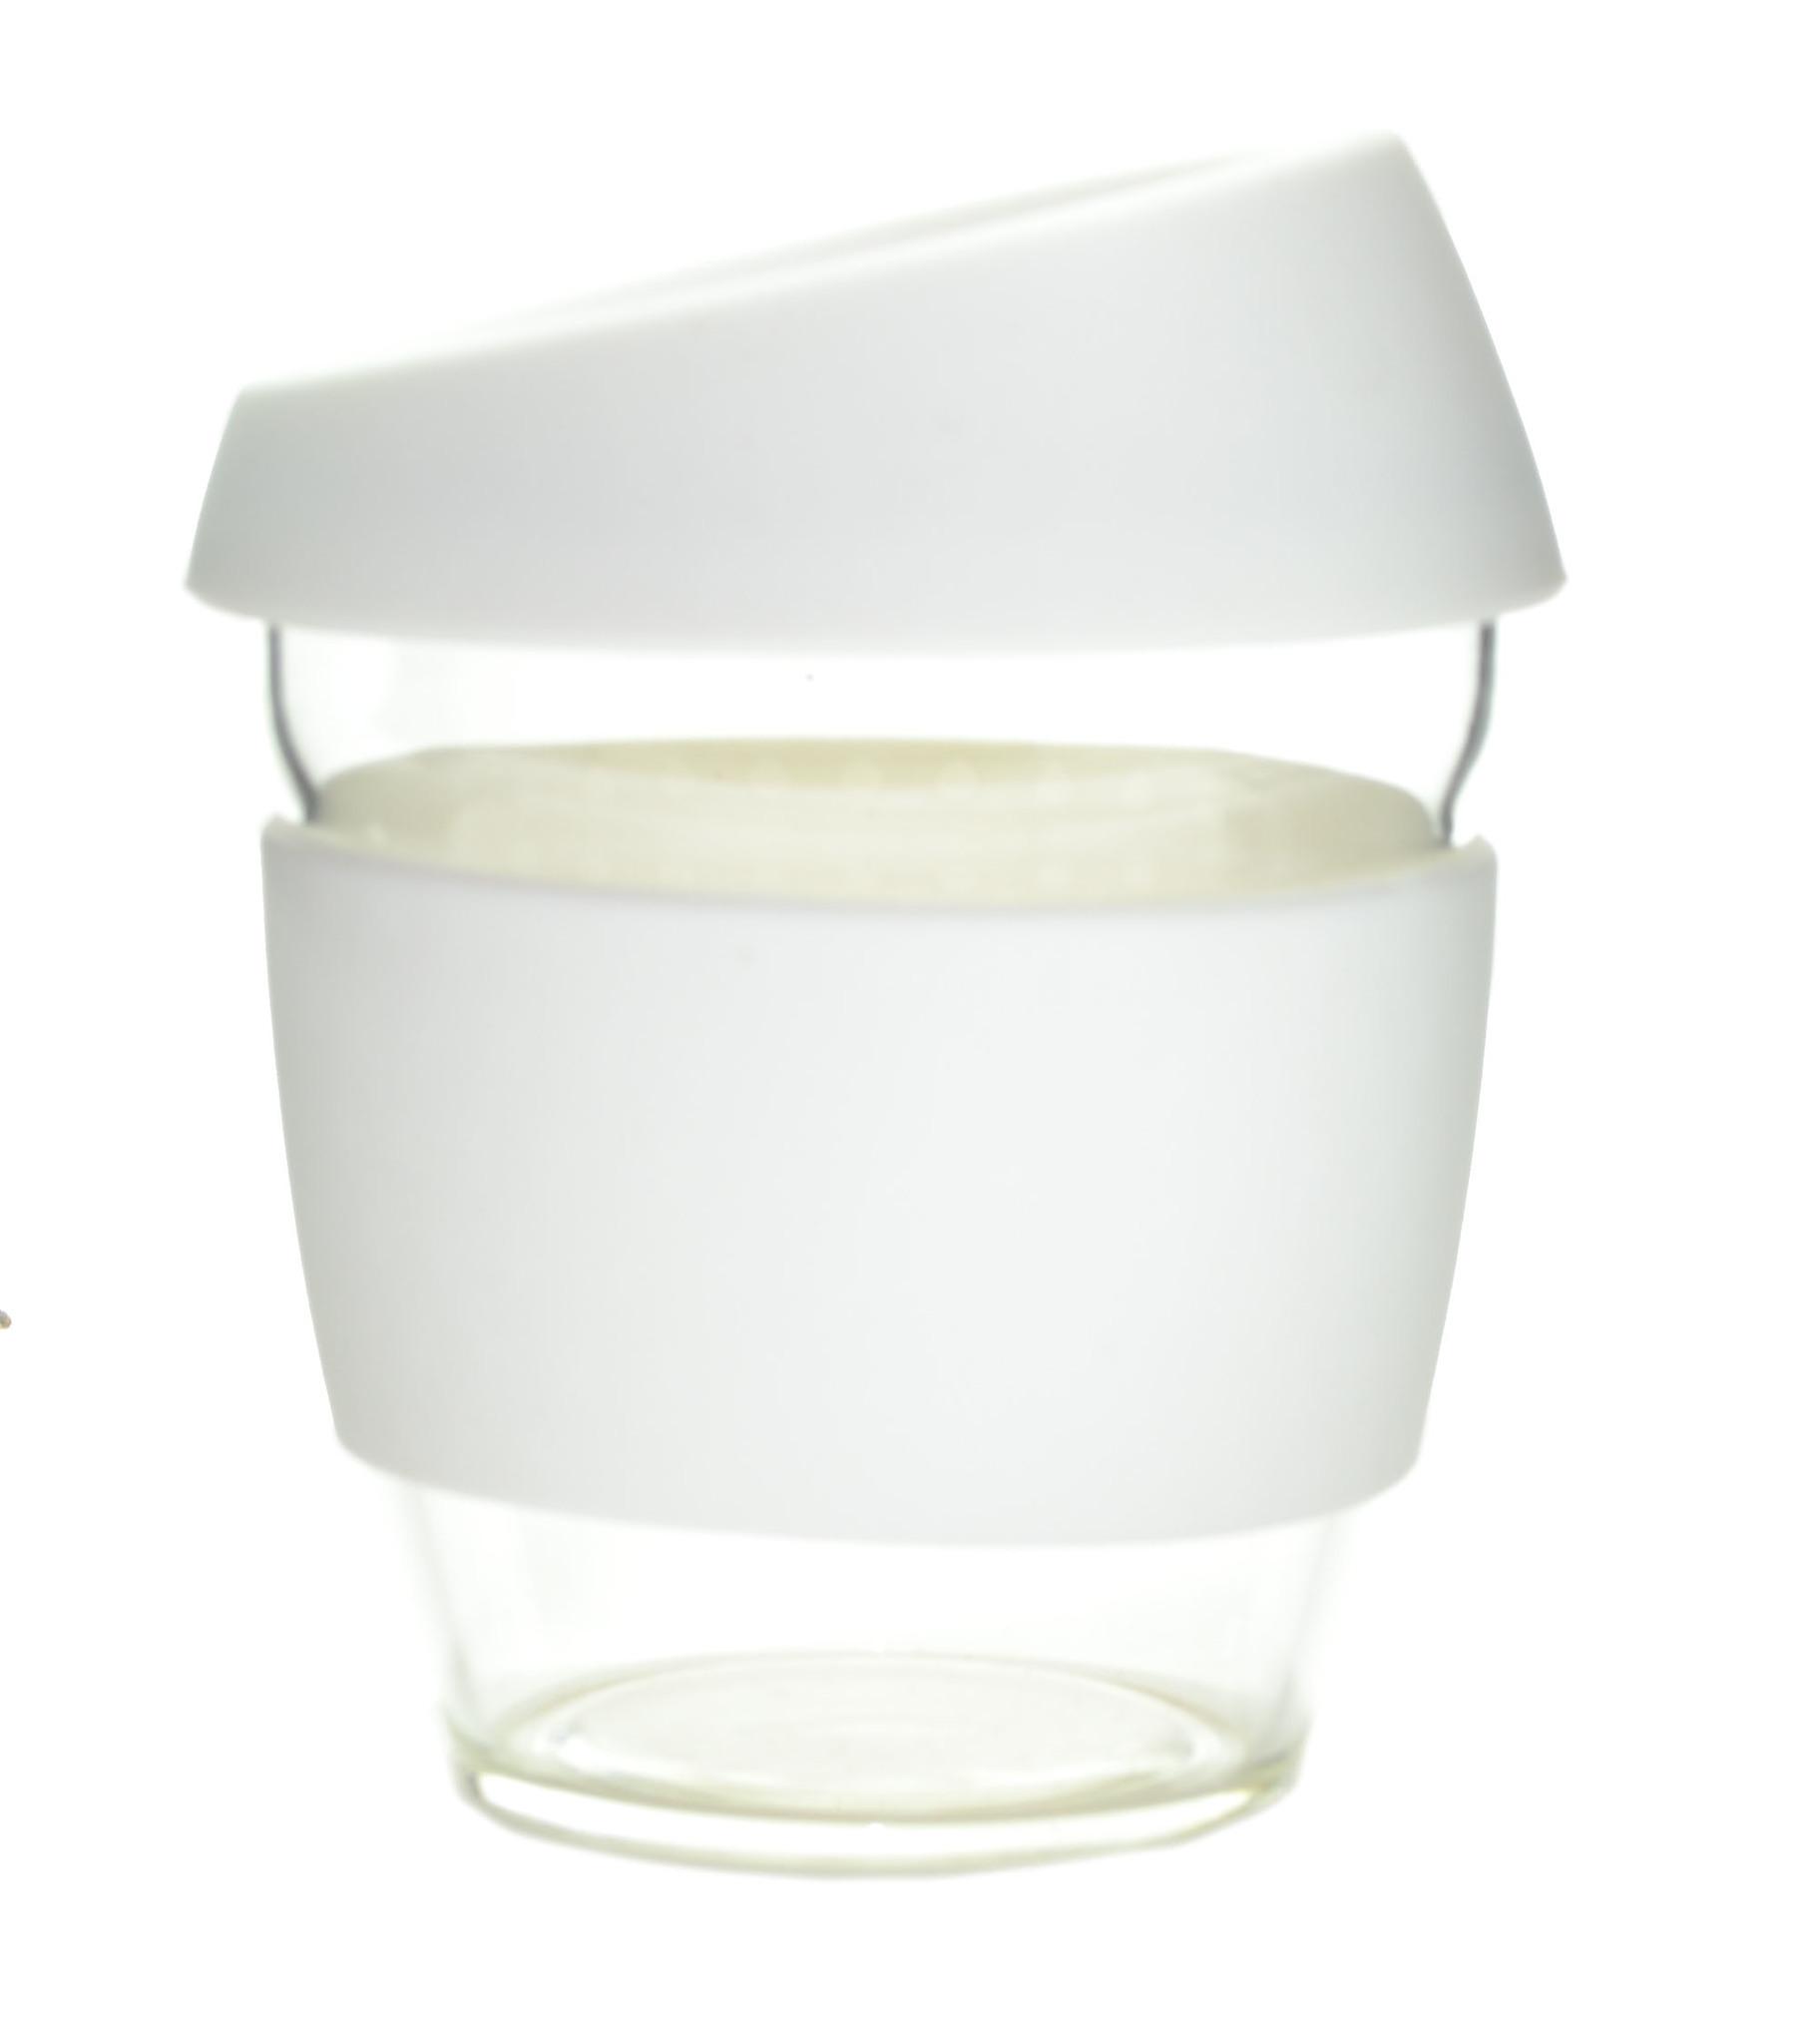 Кружка Coffee Cup из боросиликатного стекла 226 мл. белый